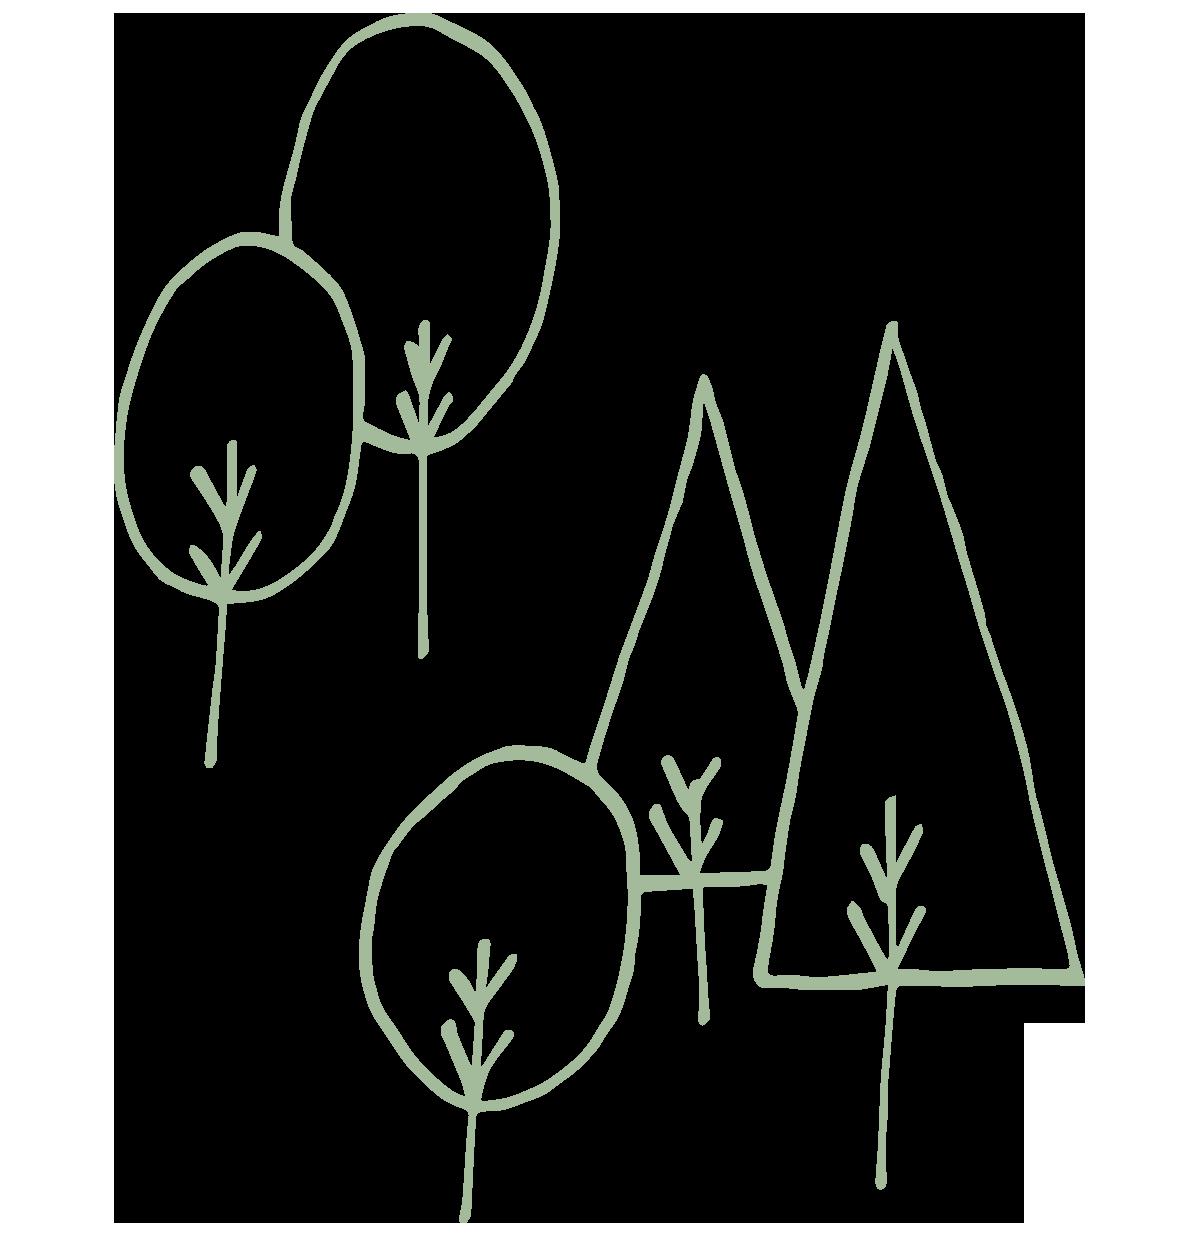 So Stockel - Tree